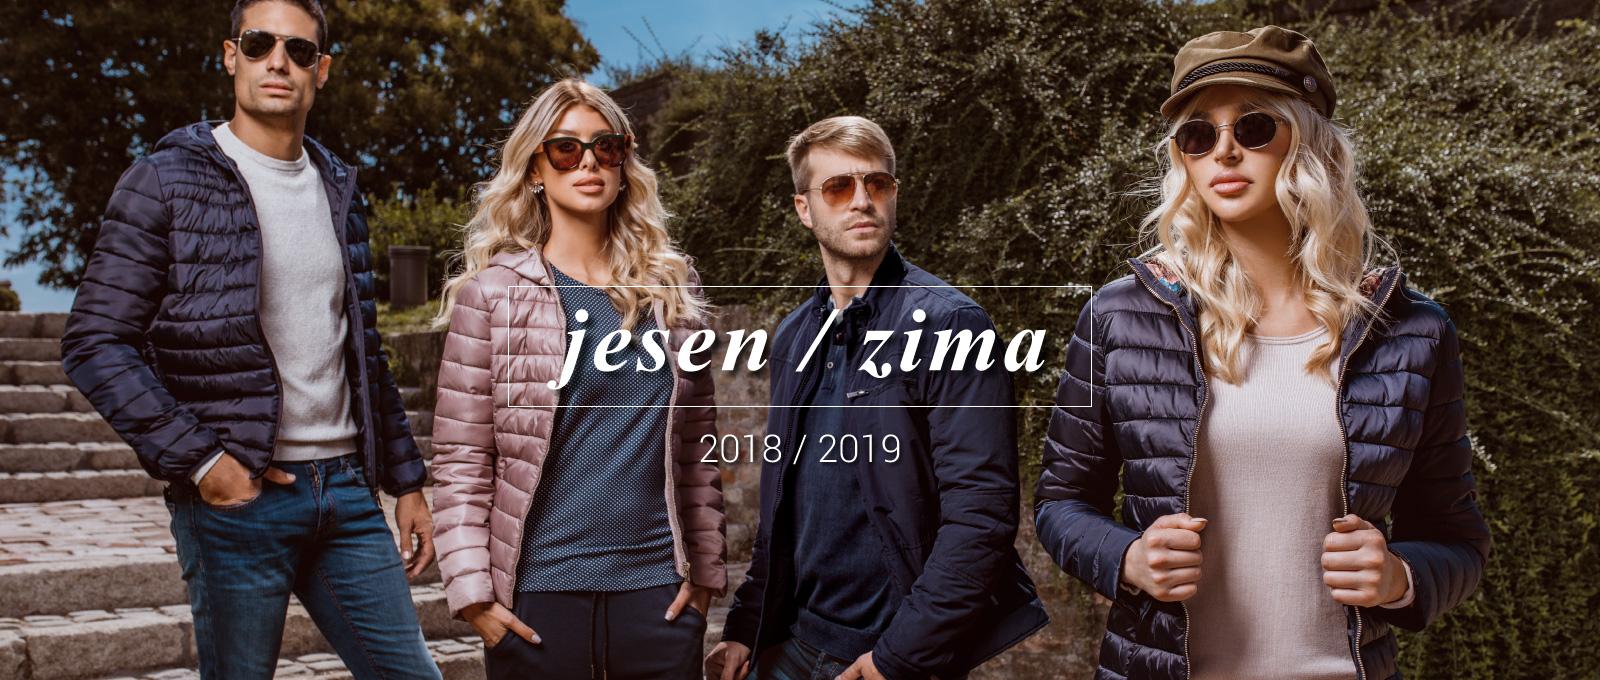 nova kolekcija jesen/zima 2018 LegendWW